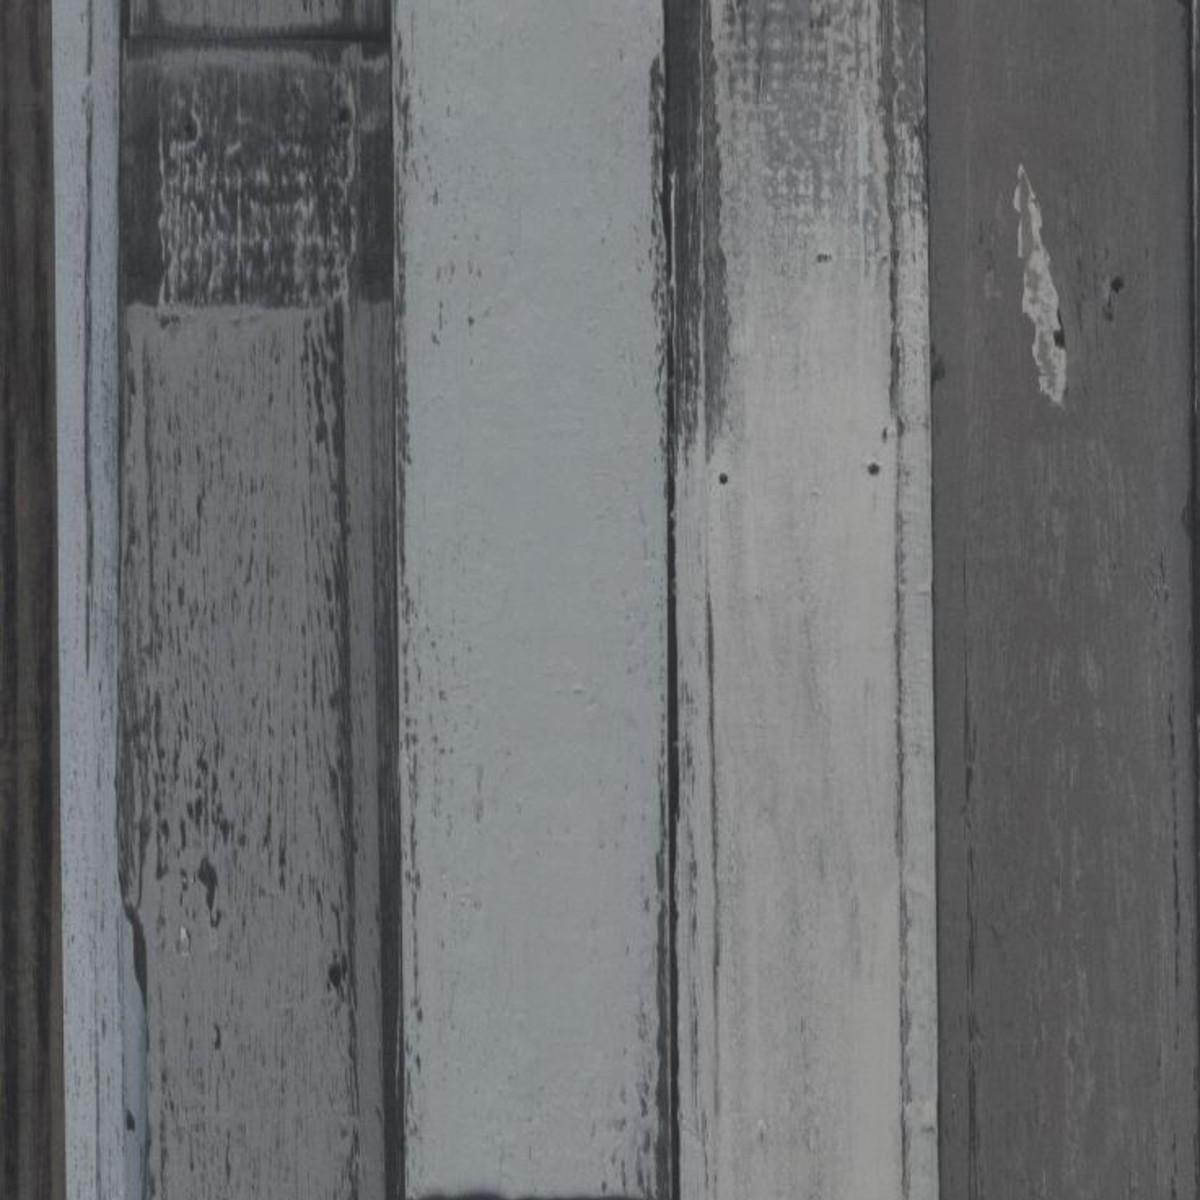 Обои виниловые Did Serendipity голубые 0.53 м SD101125